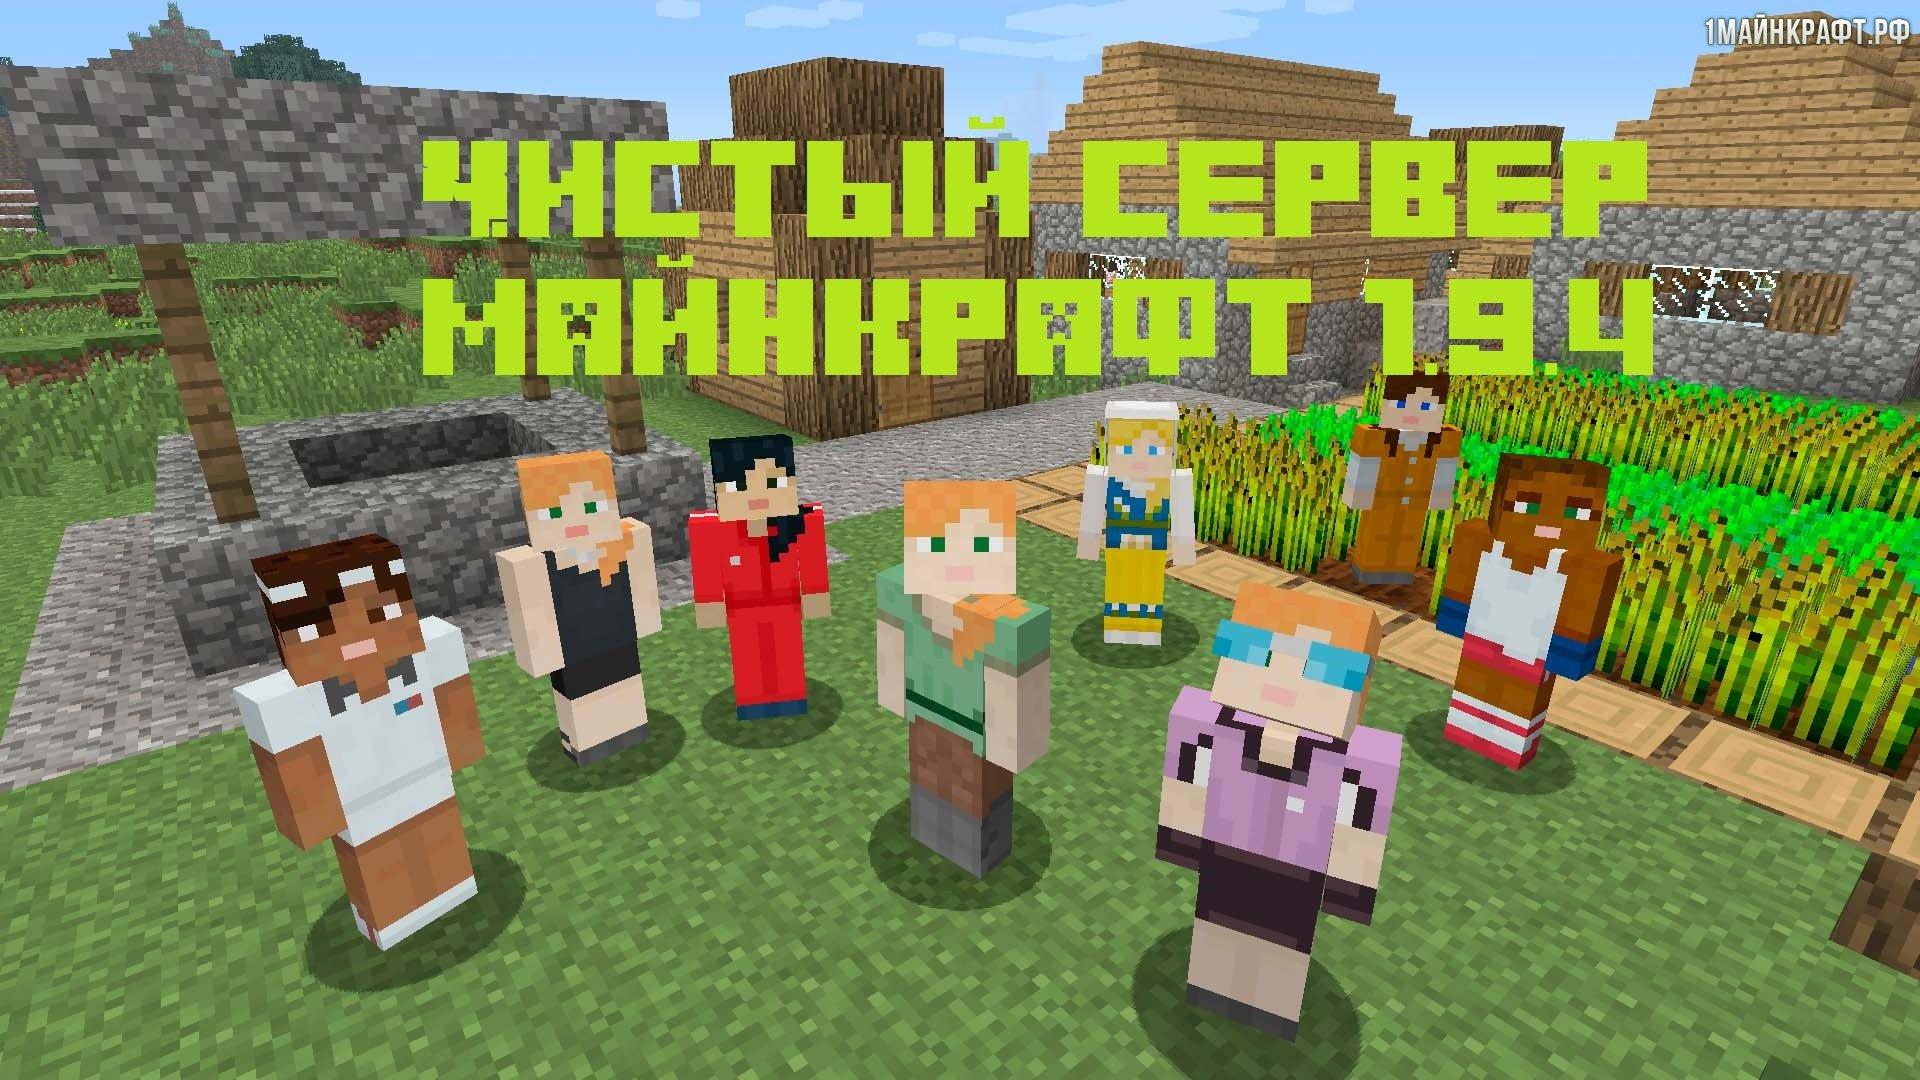 Скачать чистый Minecraft 1.7.2 бесплатно